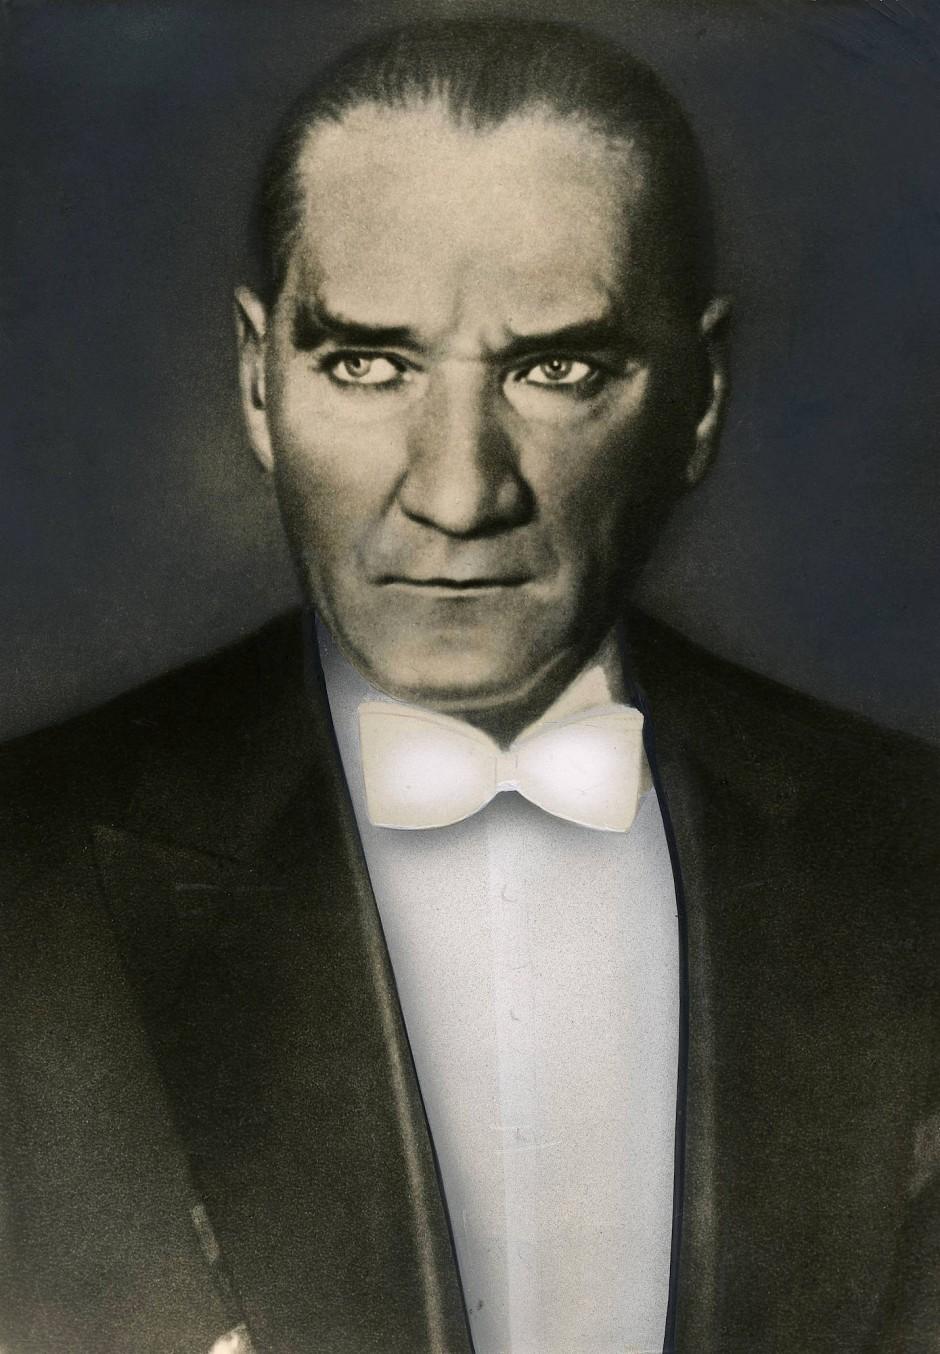 Kemal Pascha (heute Kemal Atatürk) war der erste Präsident der türkischen Republik nach dem Ersten Weltkrieg.